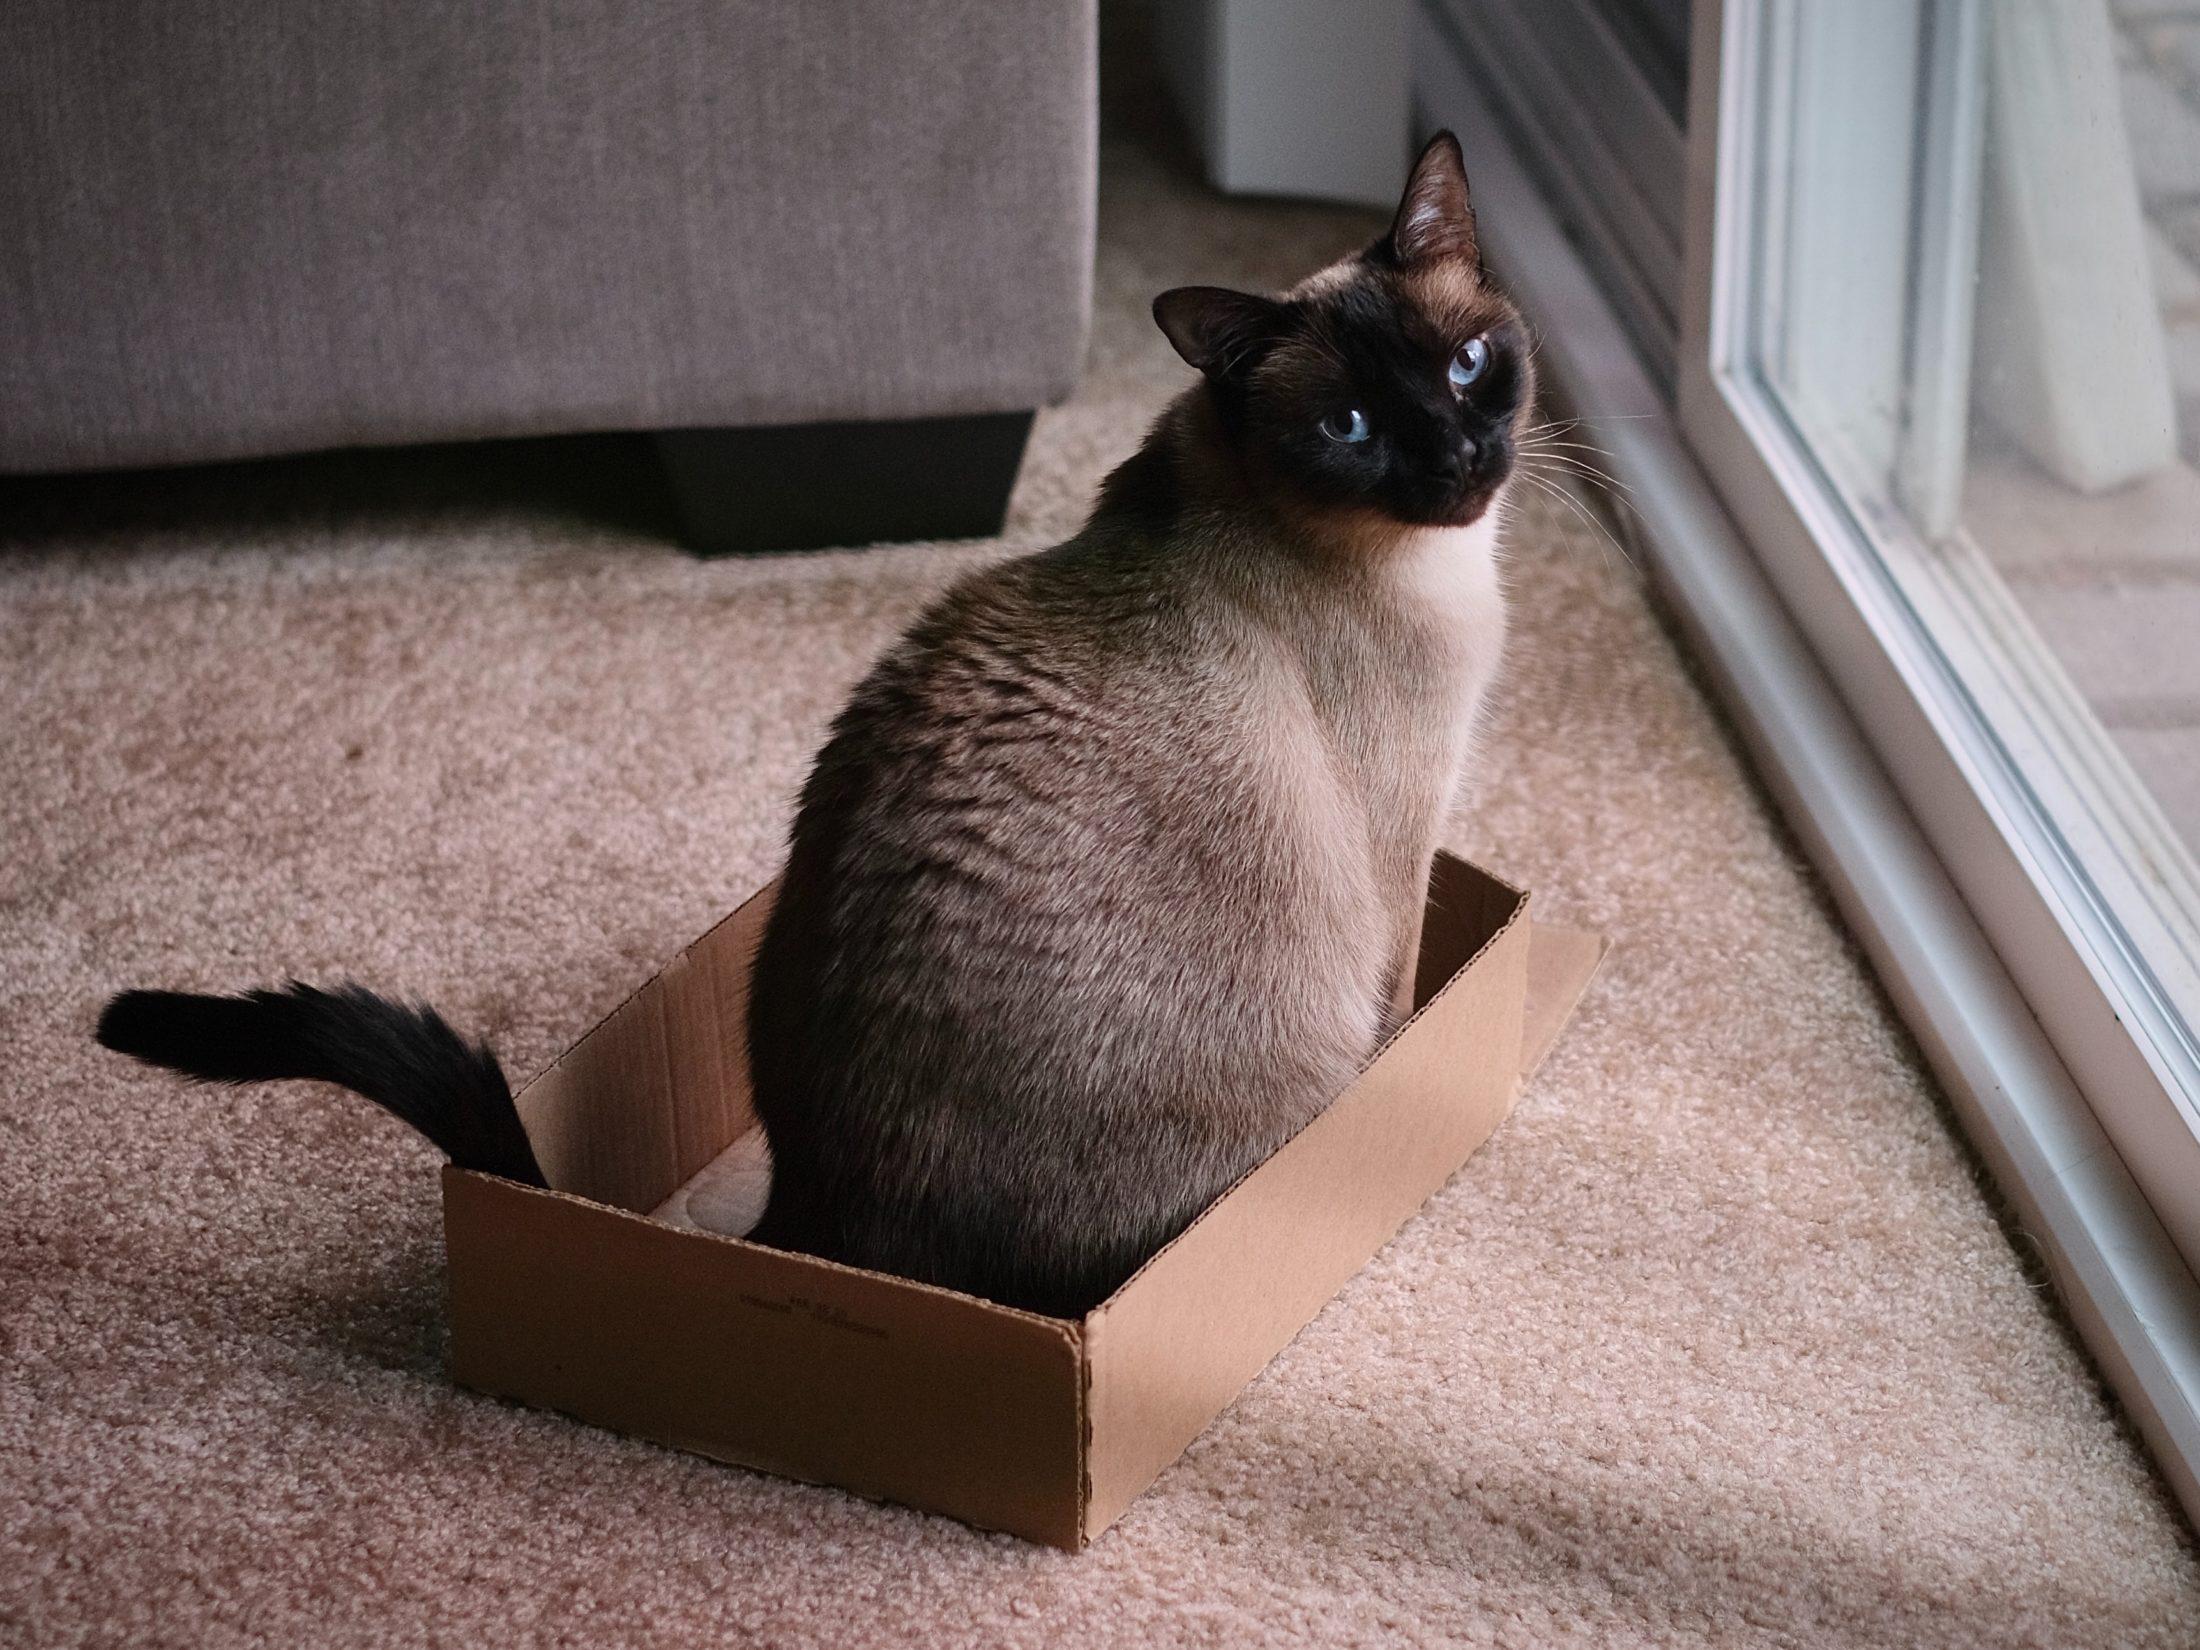 acessorios para cachorro e gato: caixa de papelão